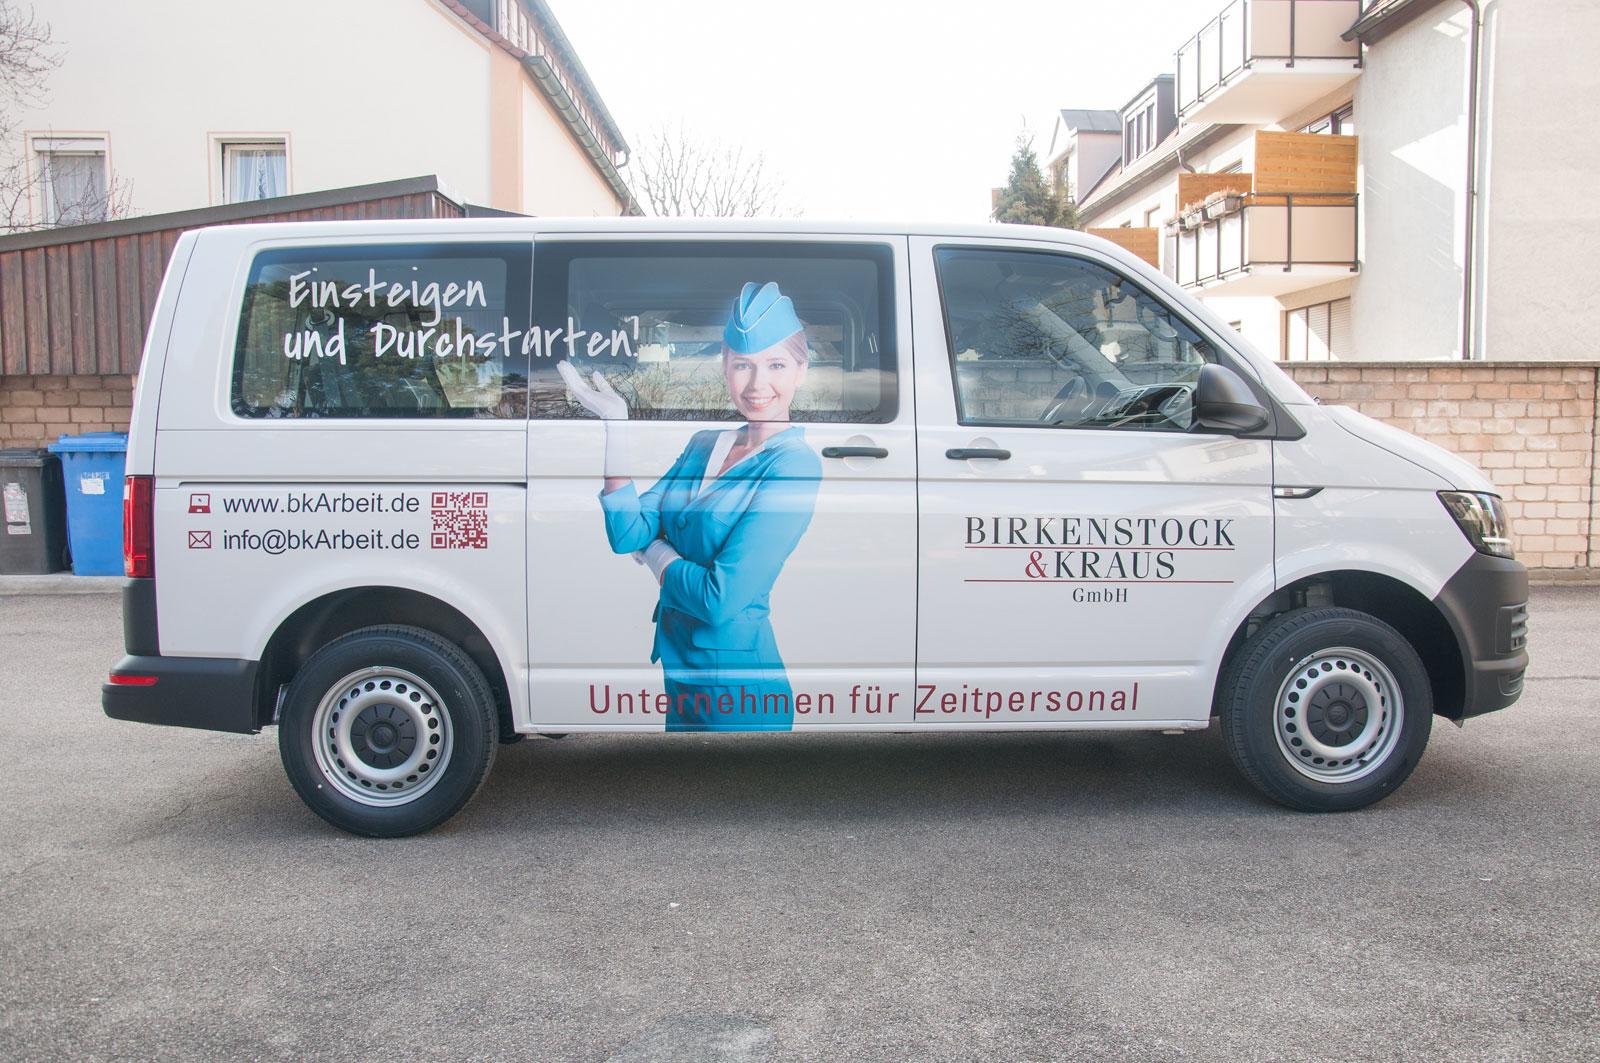 Seitenansicht der Beklebung vom Firmenwagen der Firma Birkenstock & Kraus